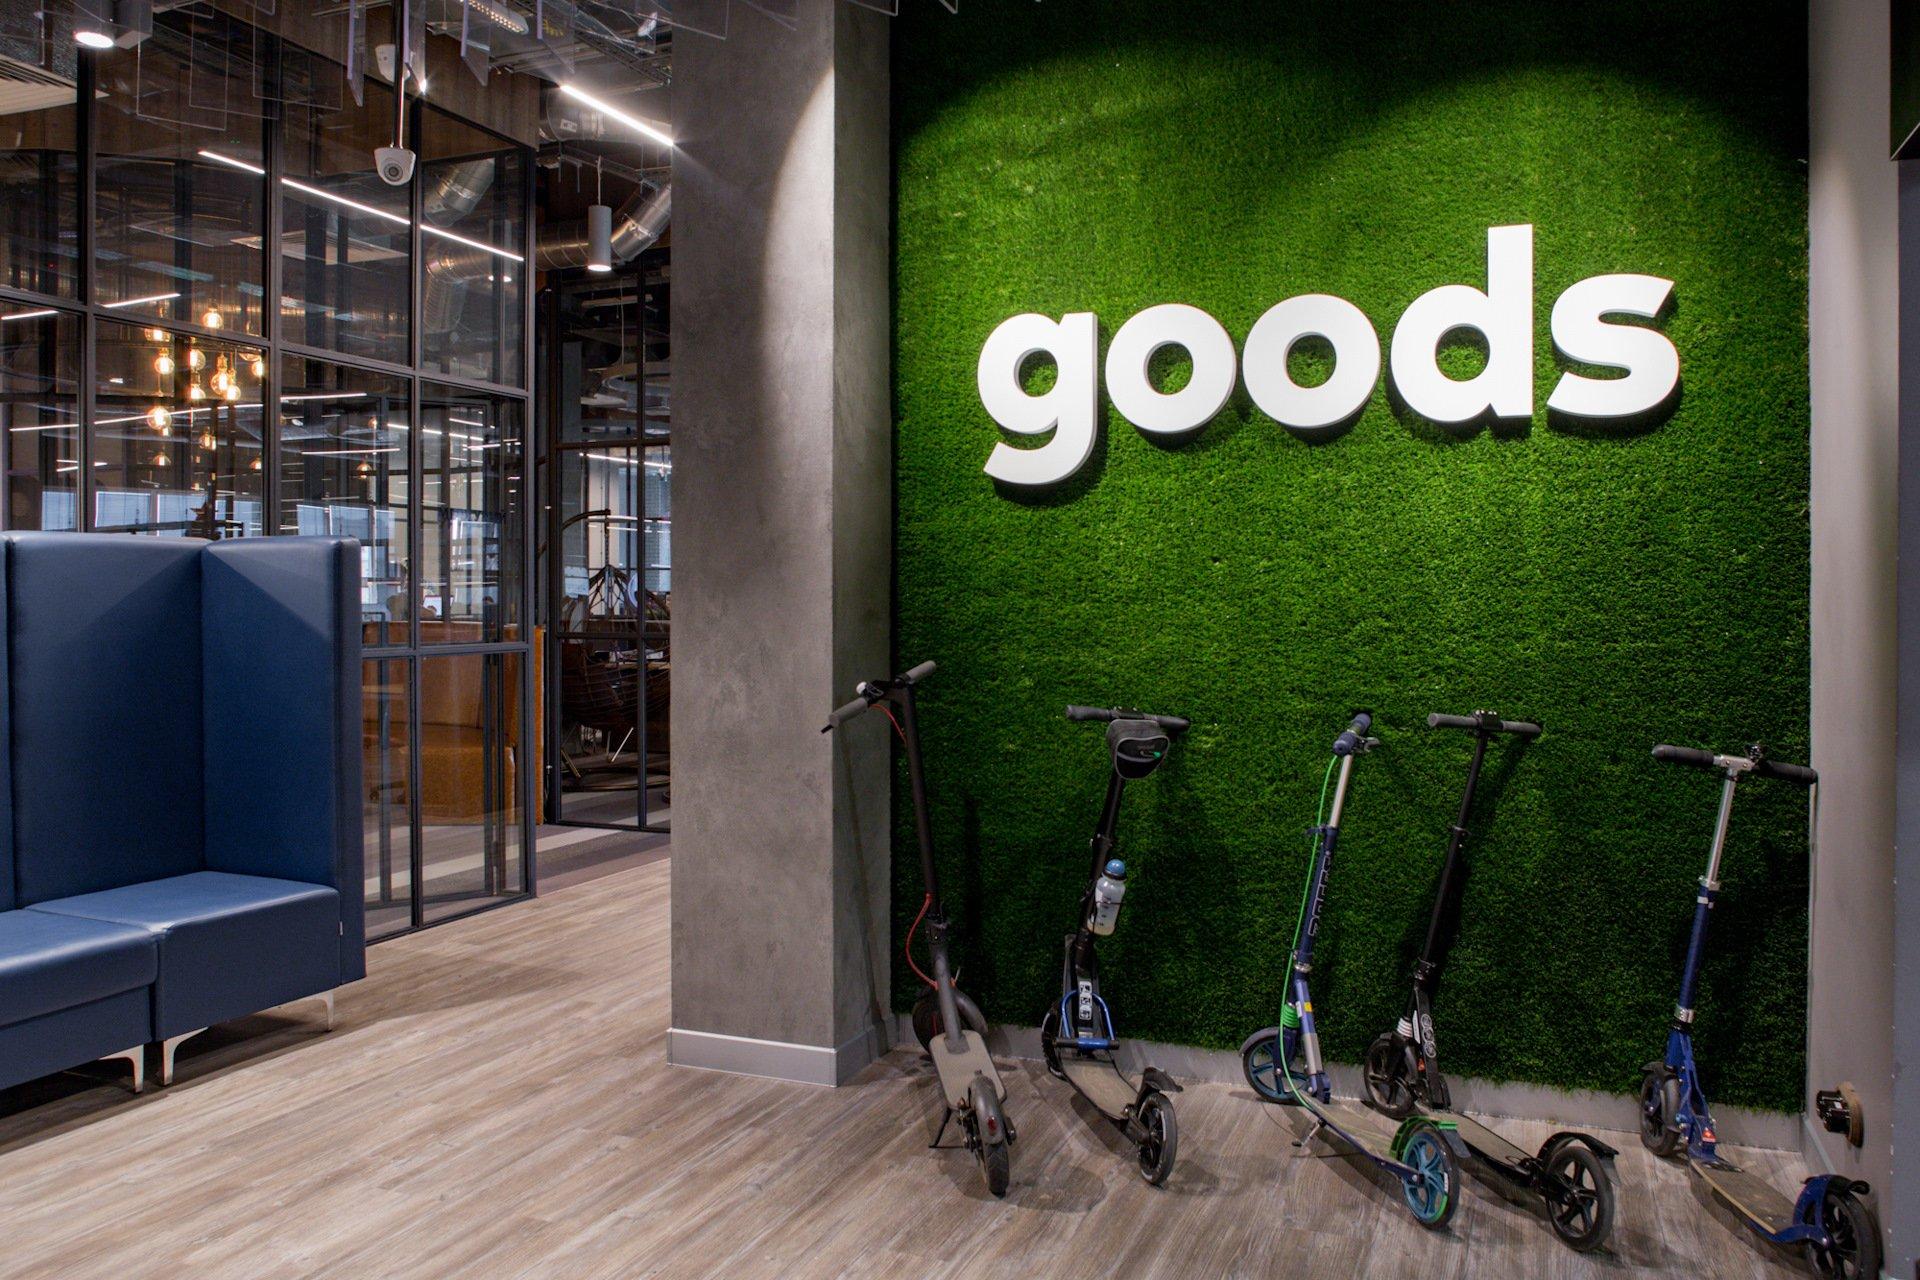 «Сбер» станет основным владельцем маркетплейса Goods.ru